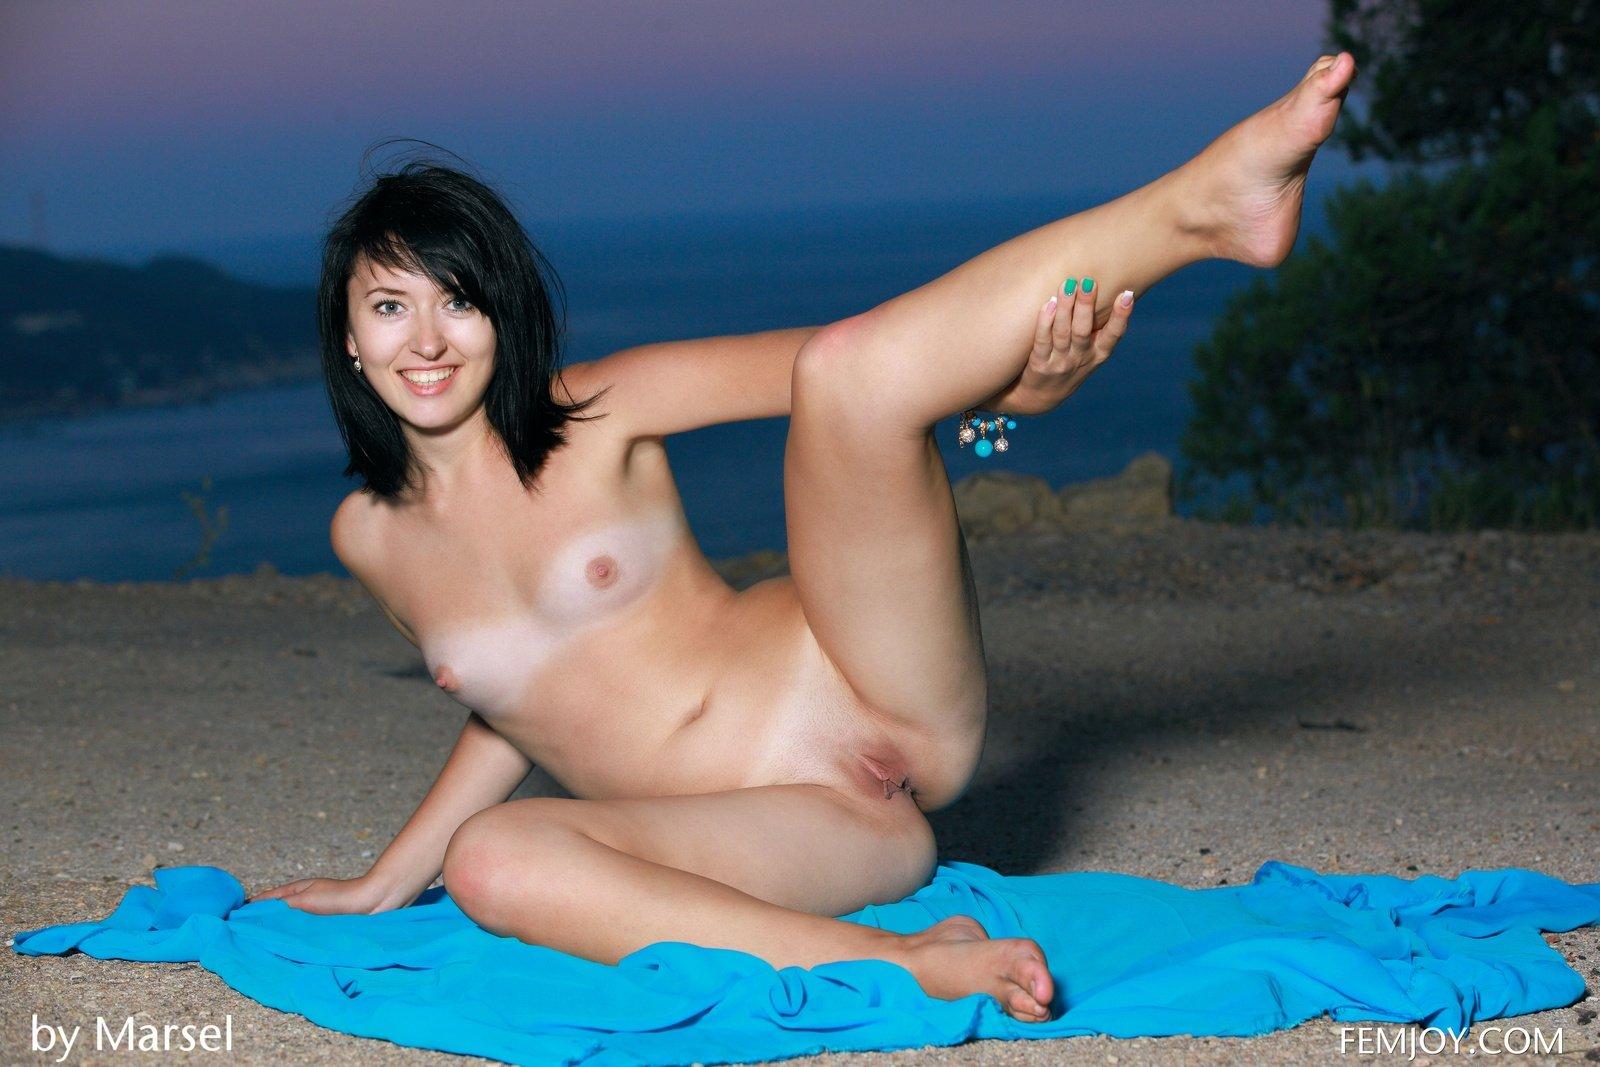 Миловидная брюнетка раздевается на пустом берегу